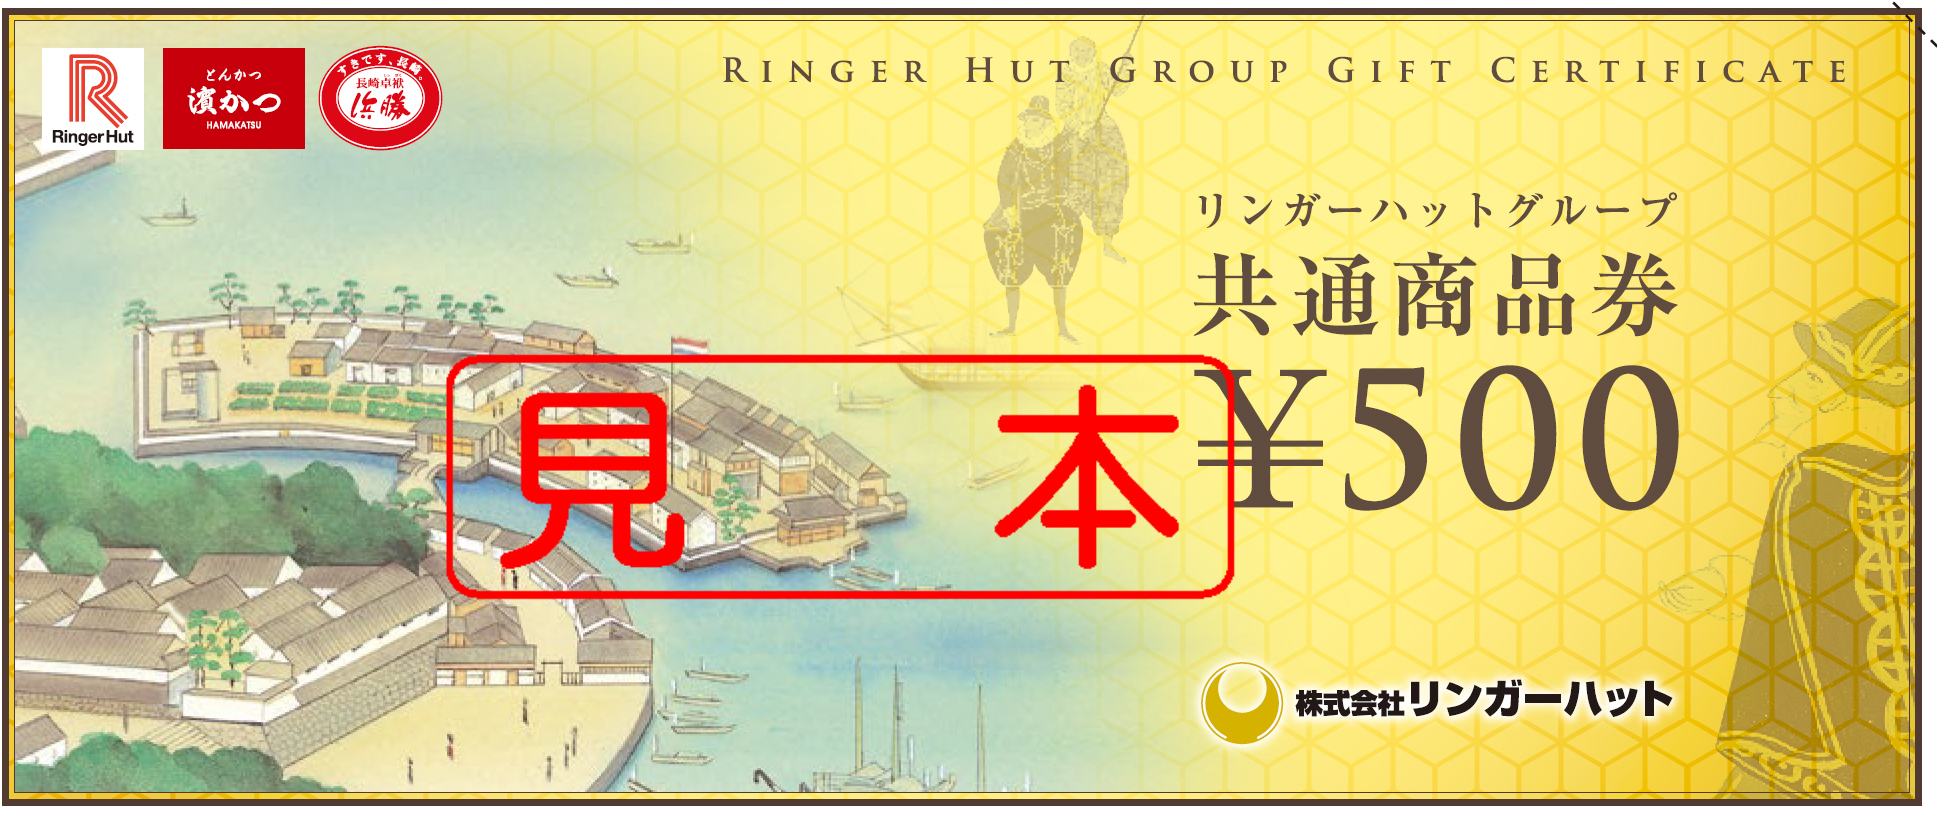 リンガーハットグループ共通商品券16枚